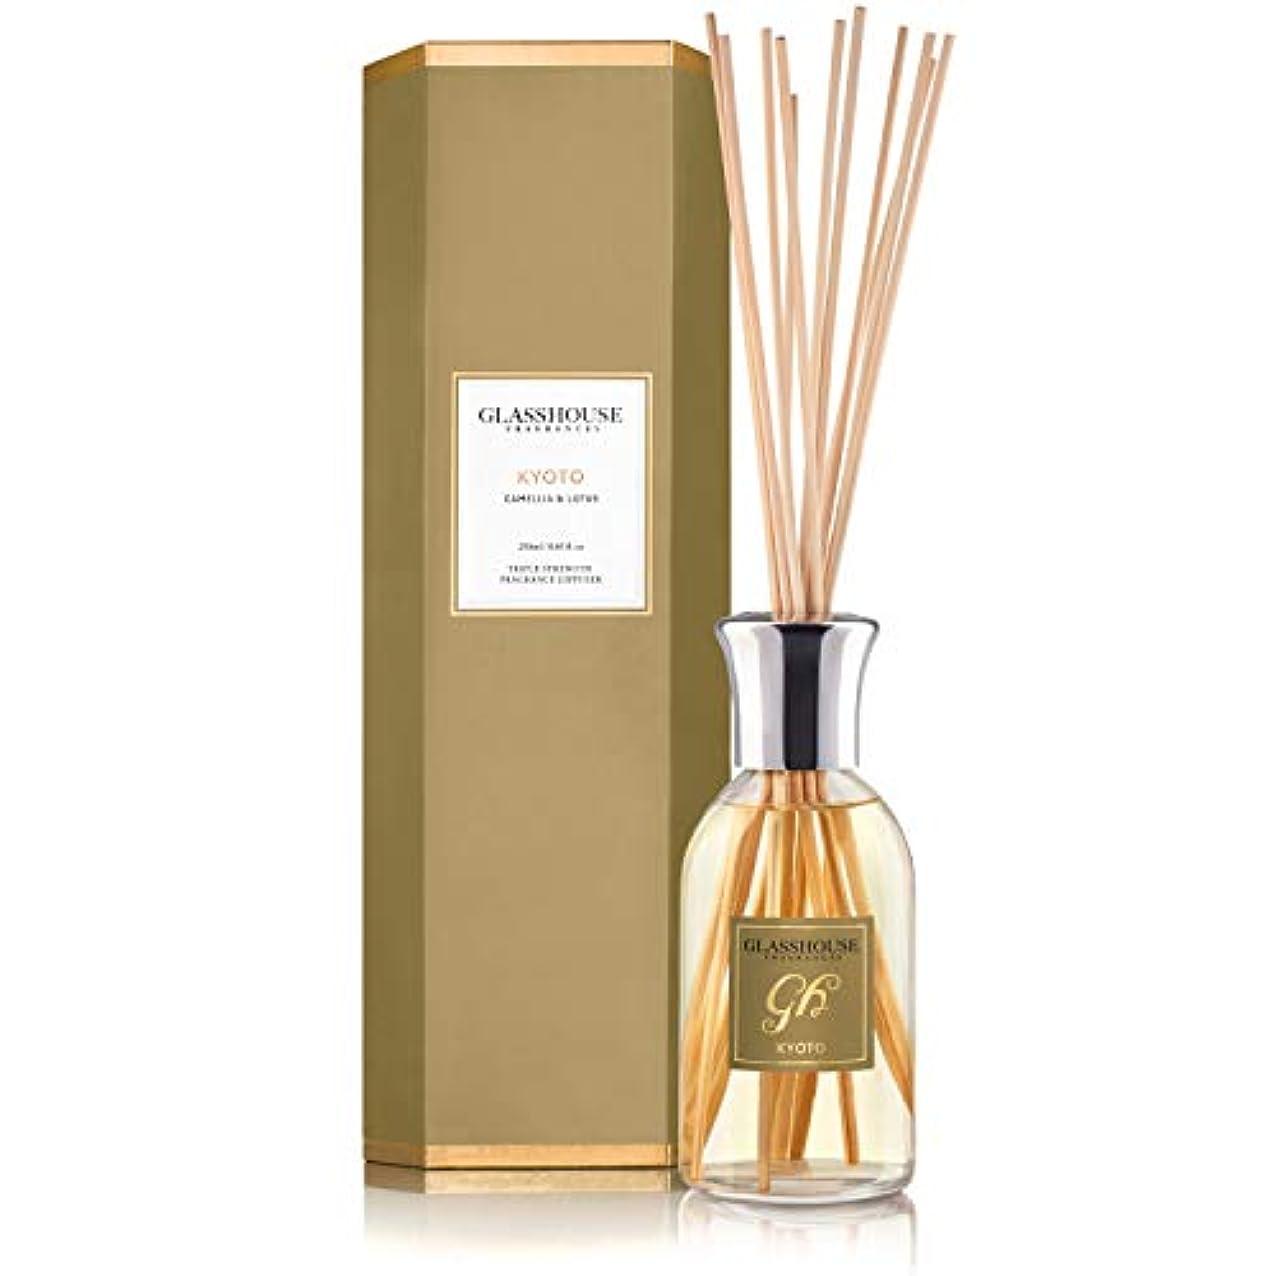 中間代表実現可能性グラスハウス Triple Strength Fragrance Diffuser - Kyoto (Camellia & Lotus) 250ml/8.45oz並行輸入品